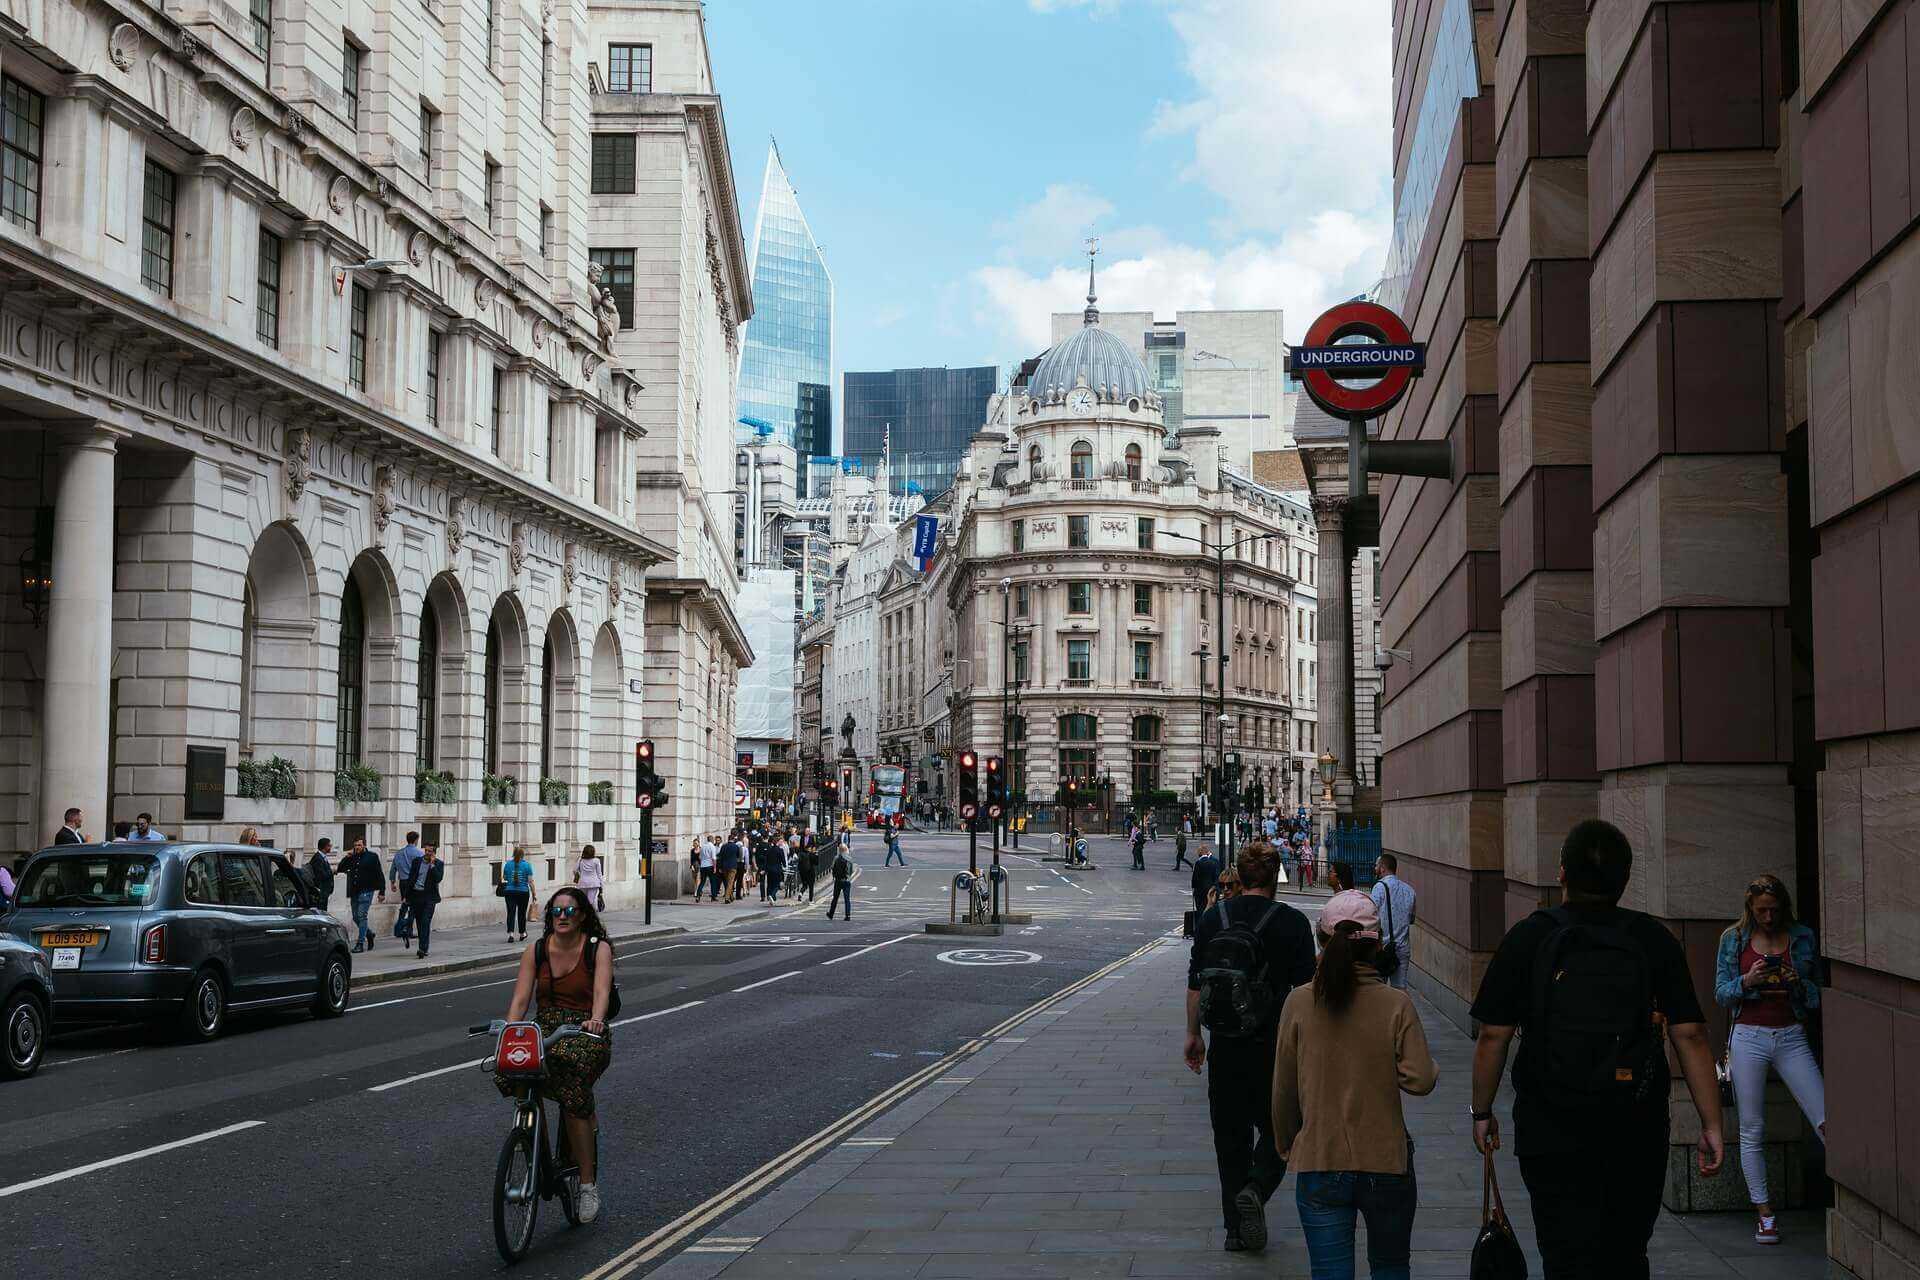 אטרקציות בלונדון 2021 - מחירים, כרטיסים, המלצות וכל הפרטים!